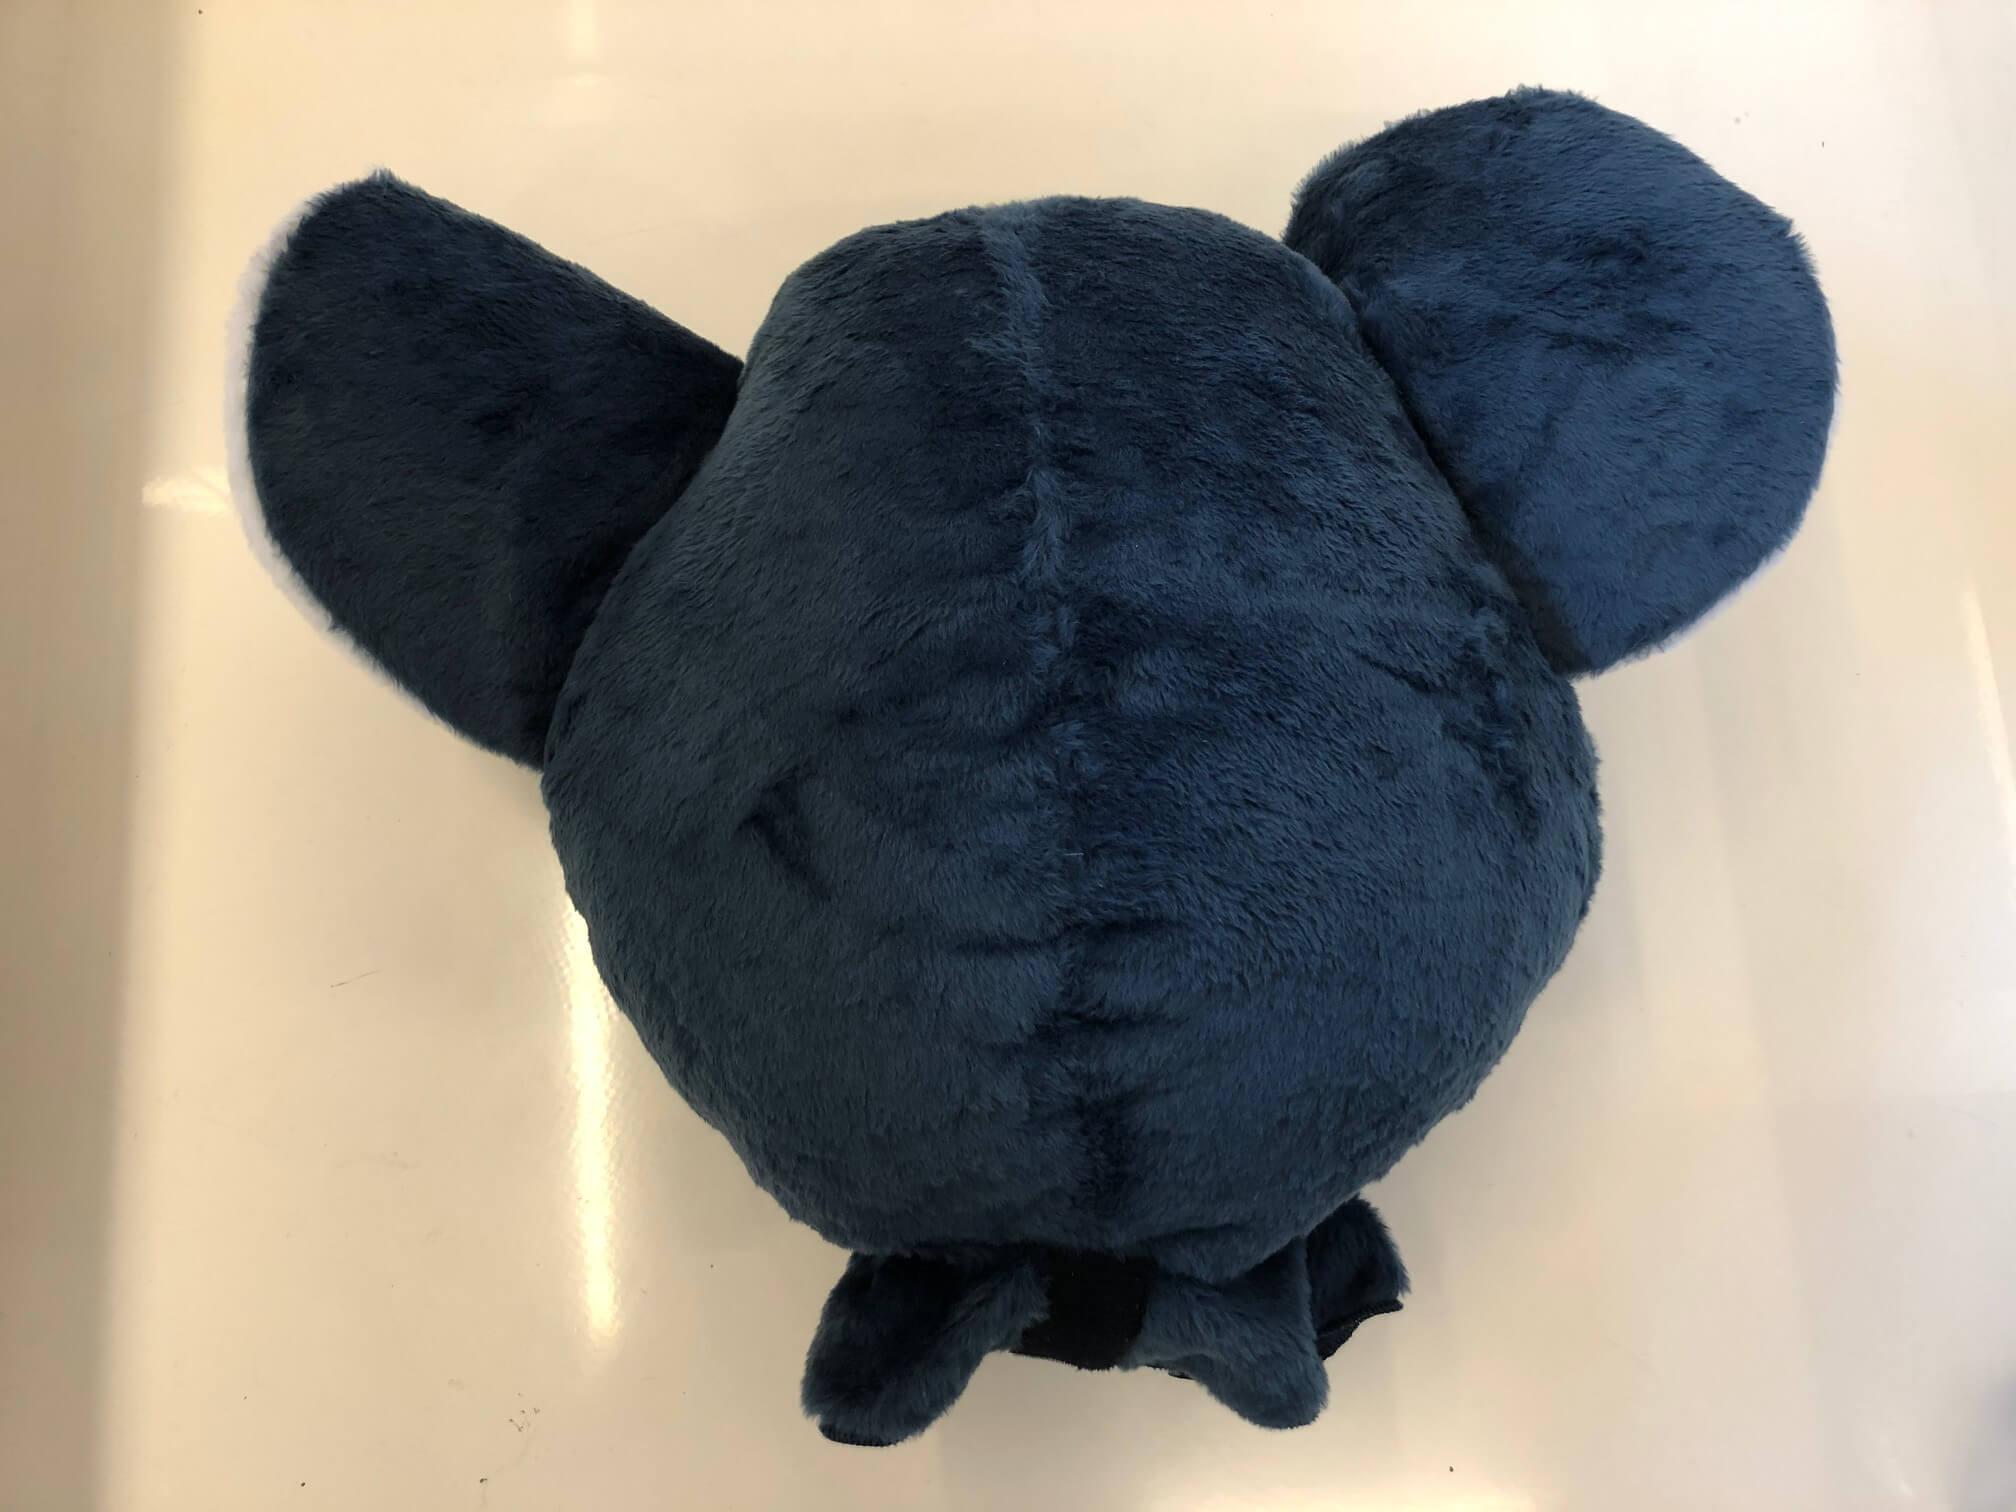 Maus-1p-Kostueme-Lauffigur-Maskottchen